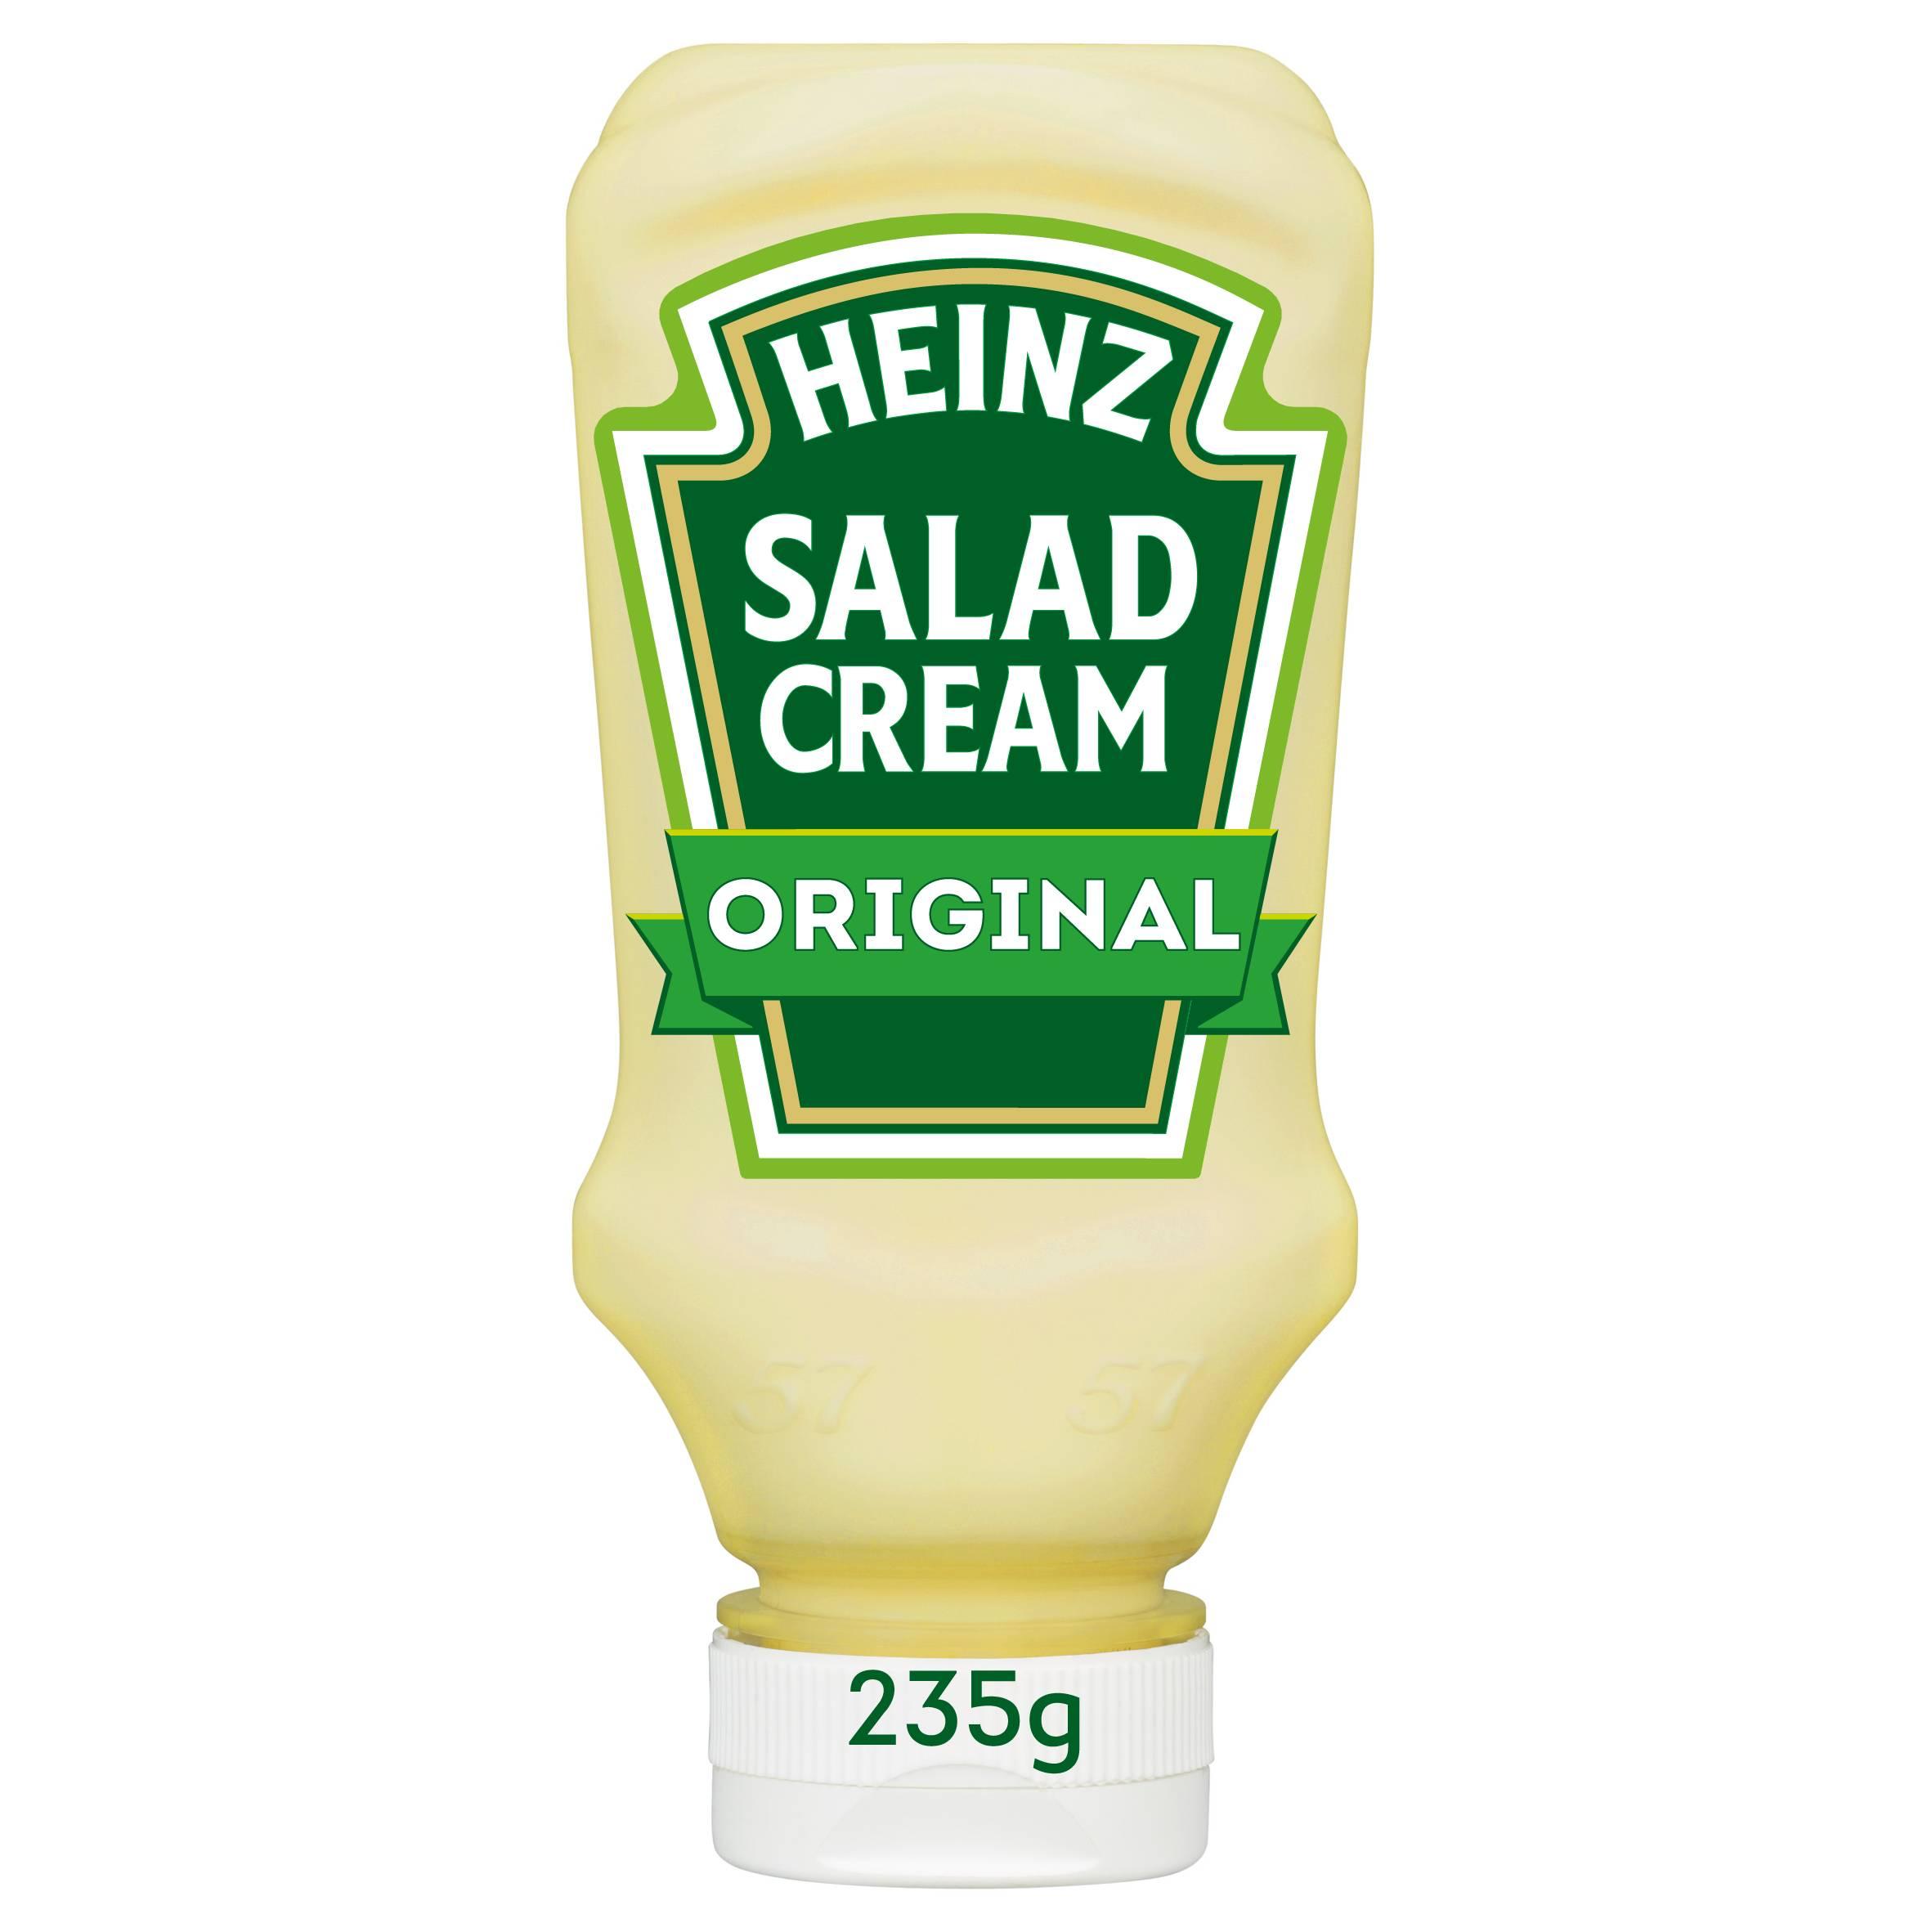 Heinz Salad Cream 235gm Top Down image